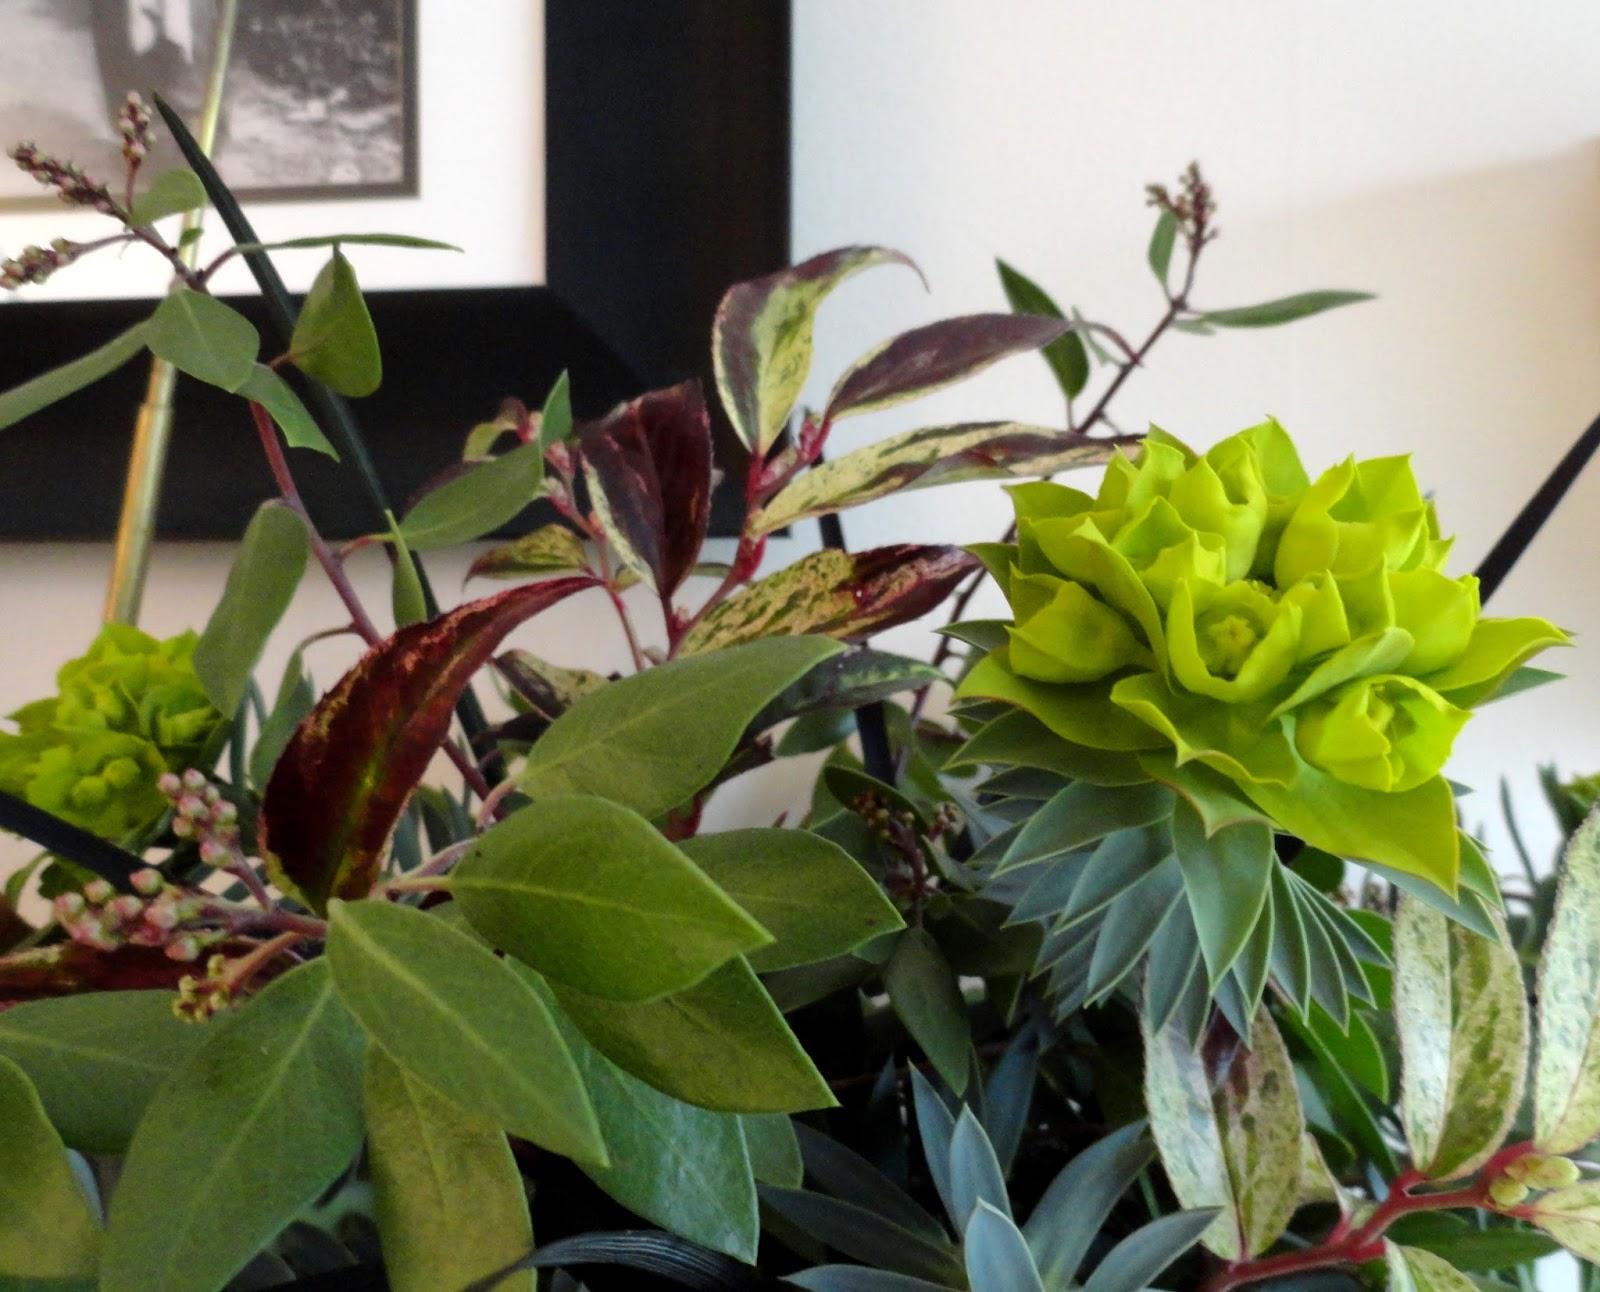 Danger Garden In A Vase On Monday A Mash Up Of Multiples